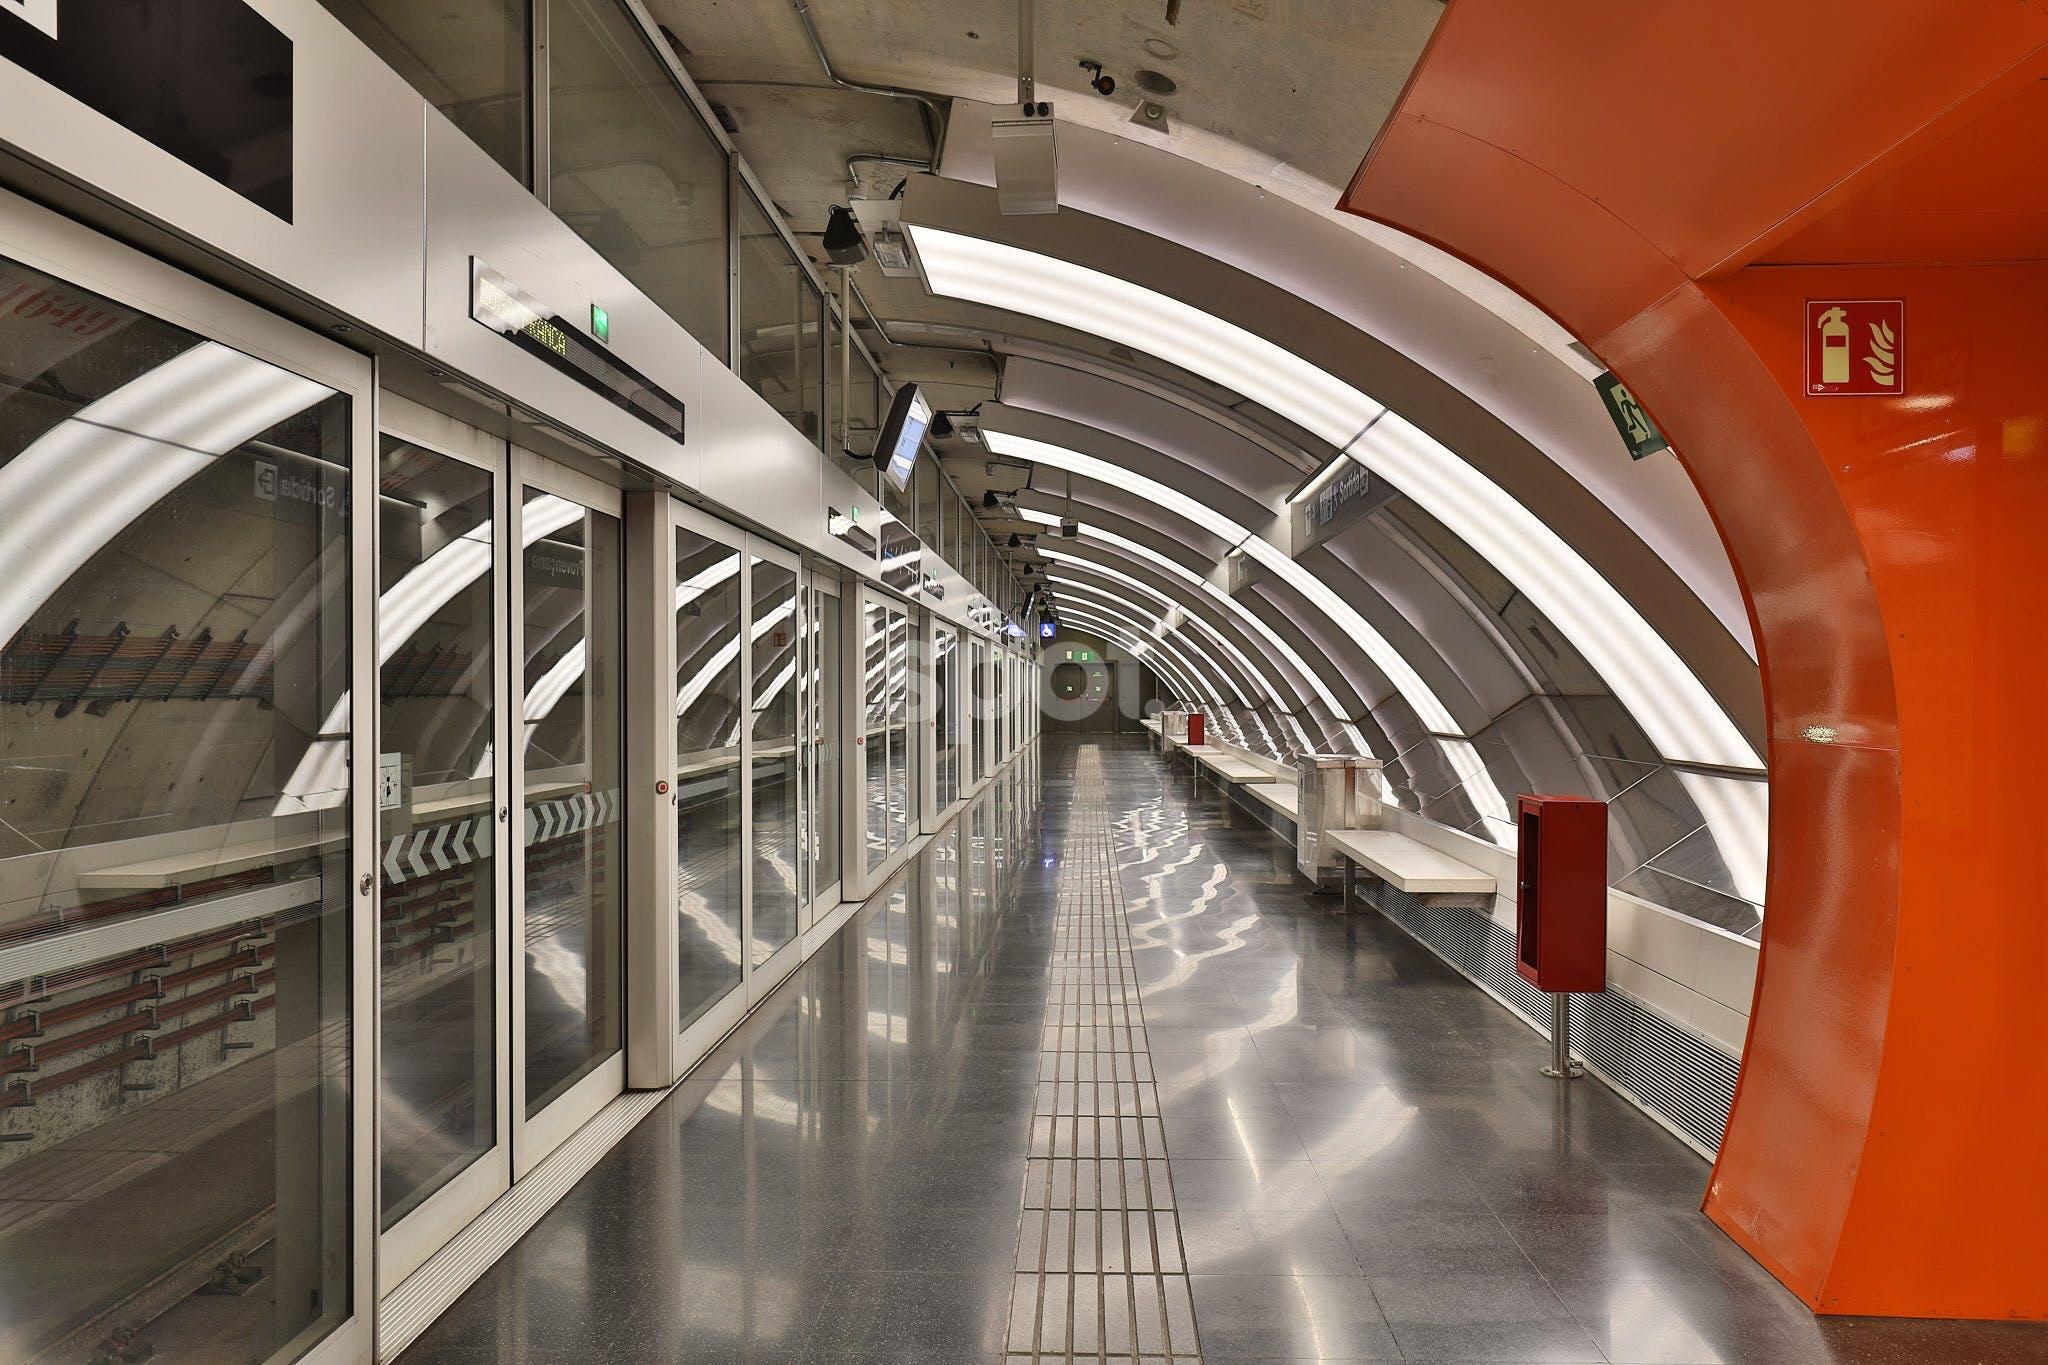 Estacion Metro Barcelona, Spain